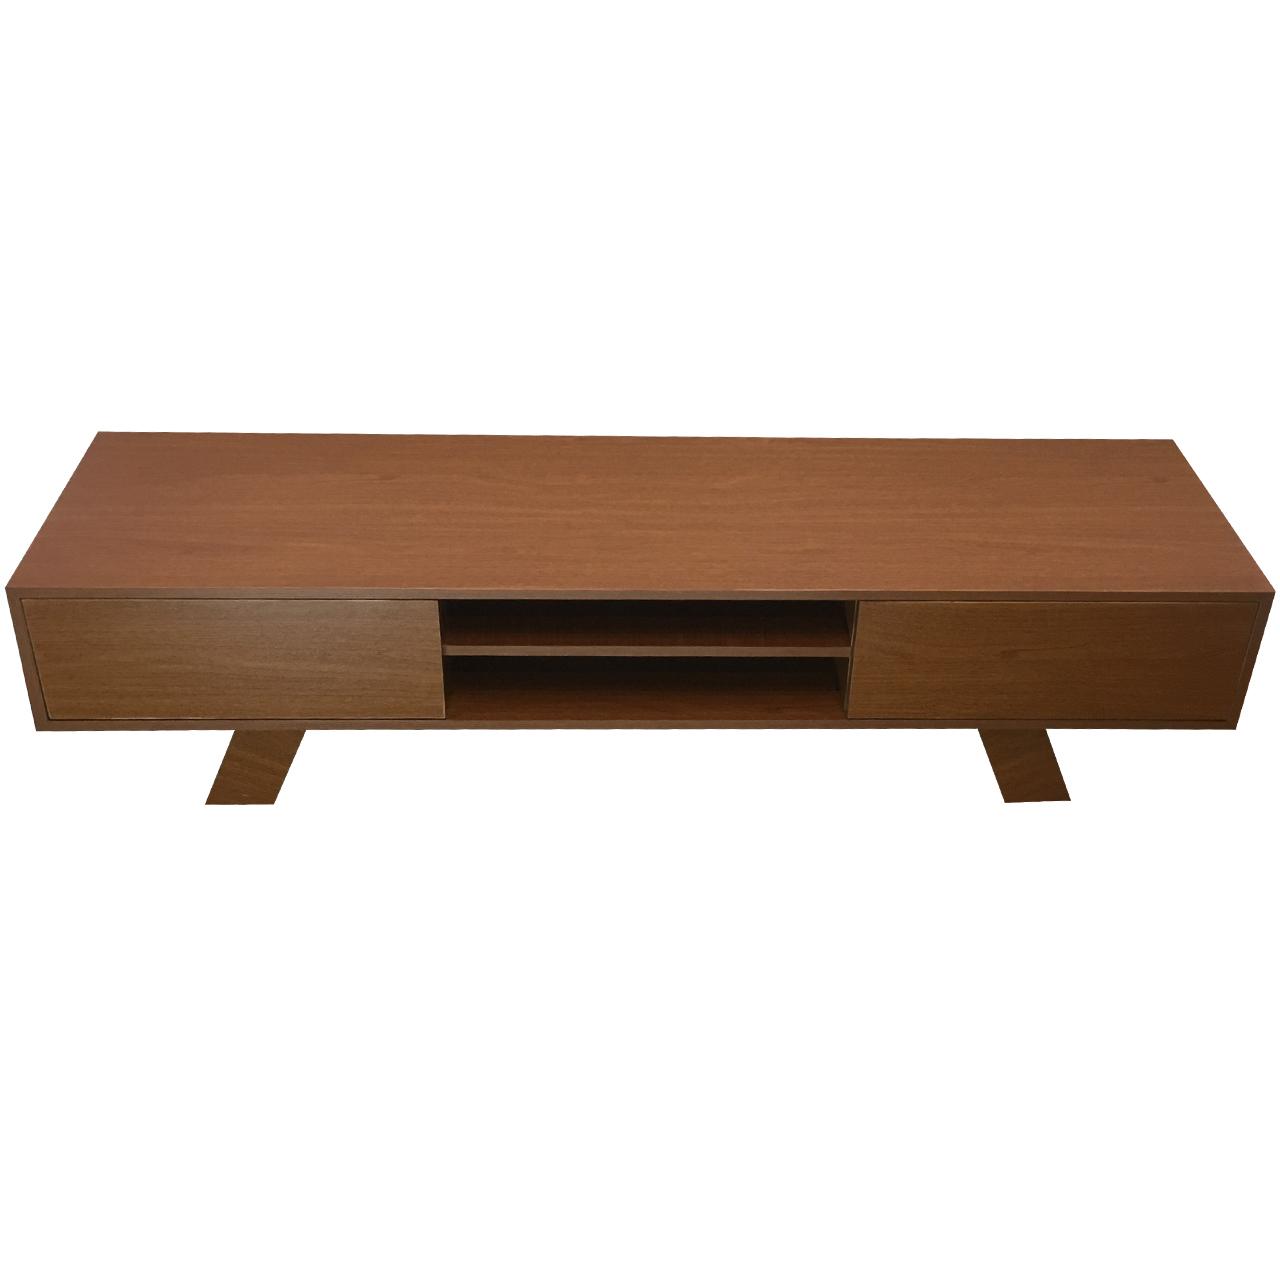 میز ال سی دی مدل گرودین 1